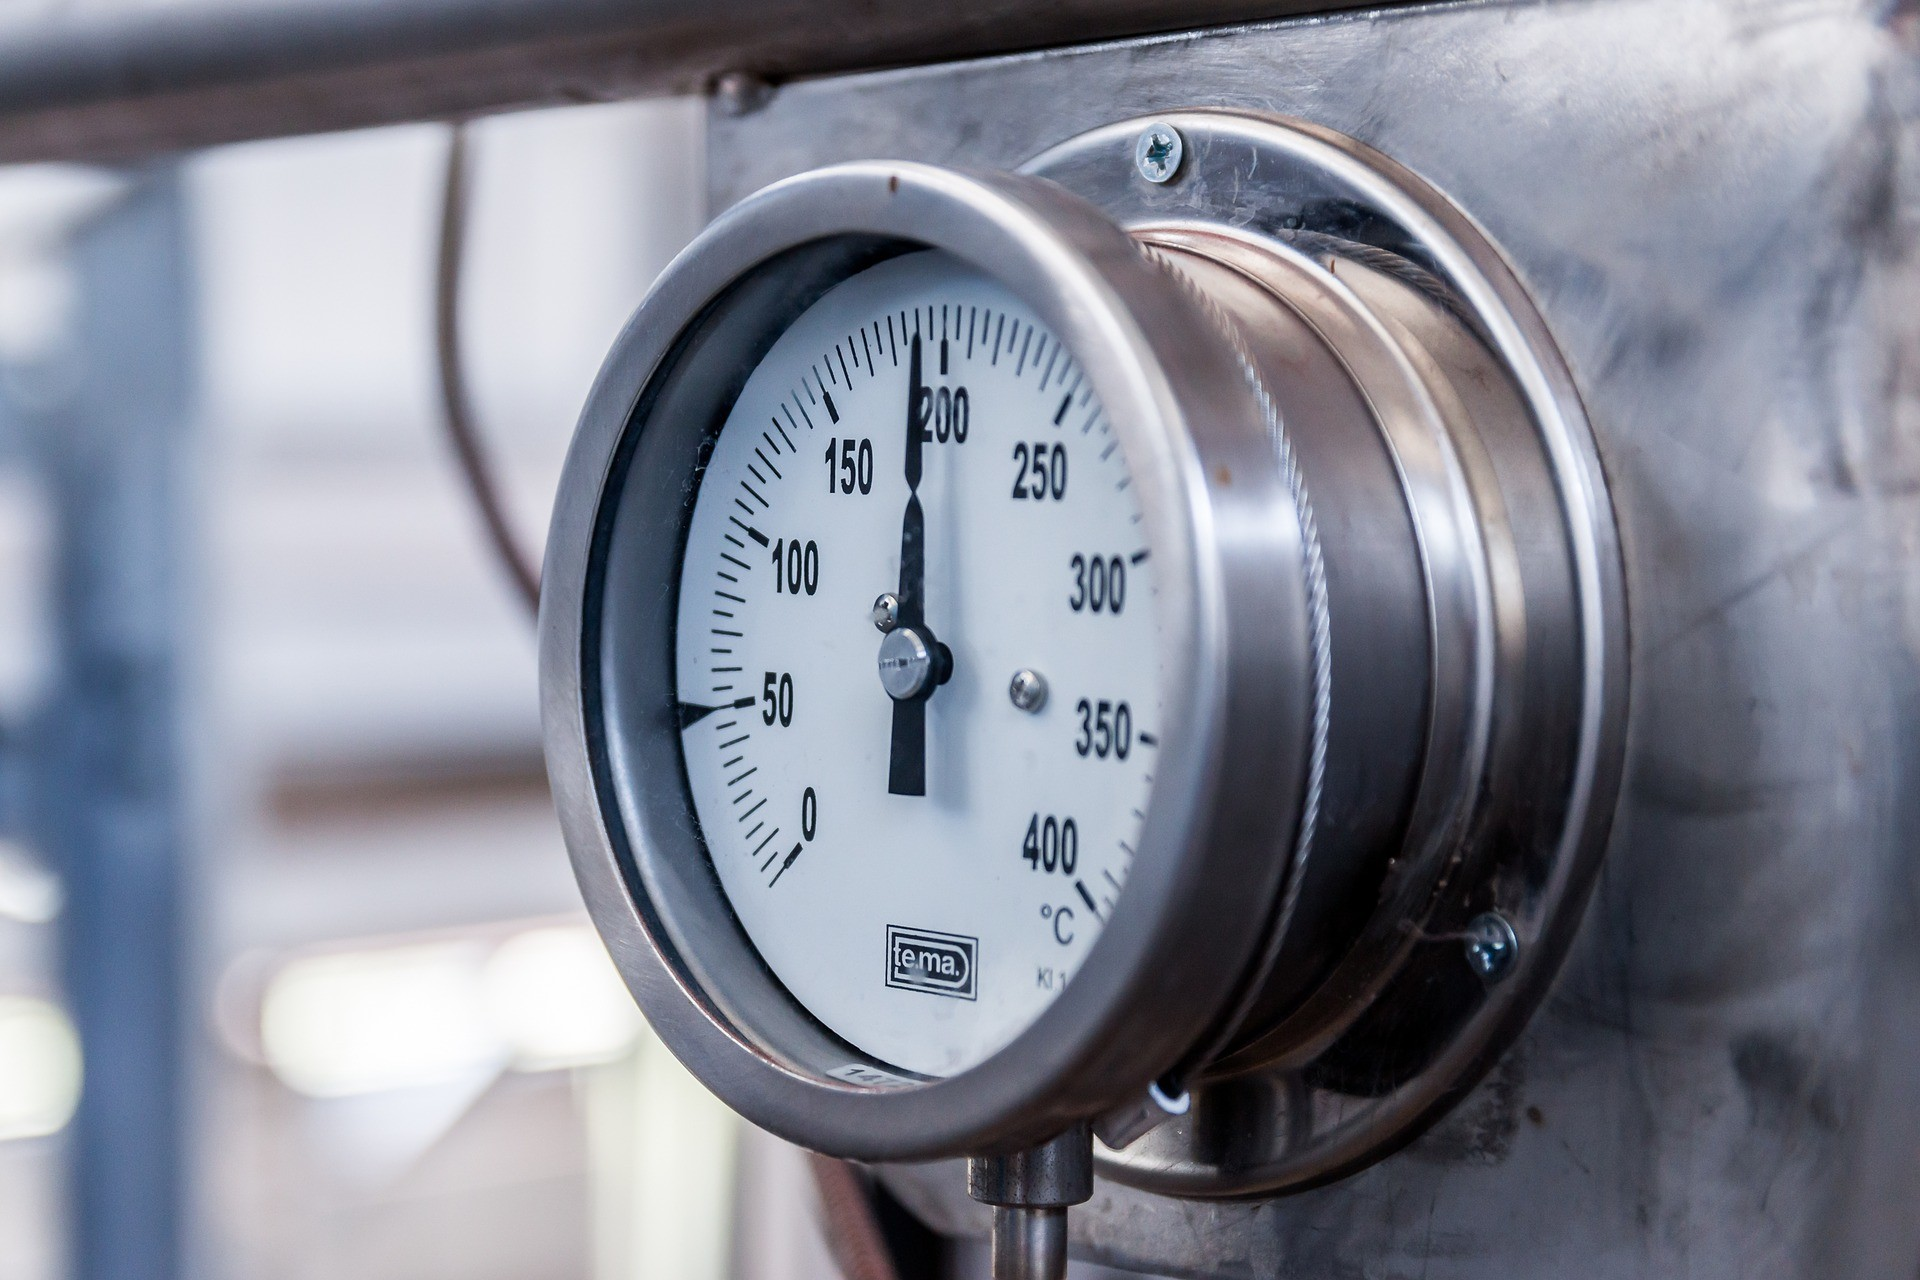 boiler temp gauge